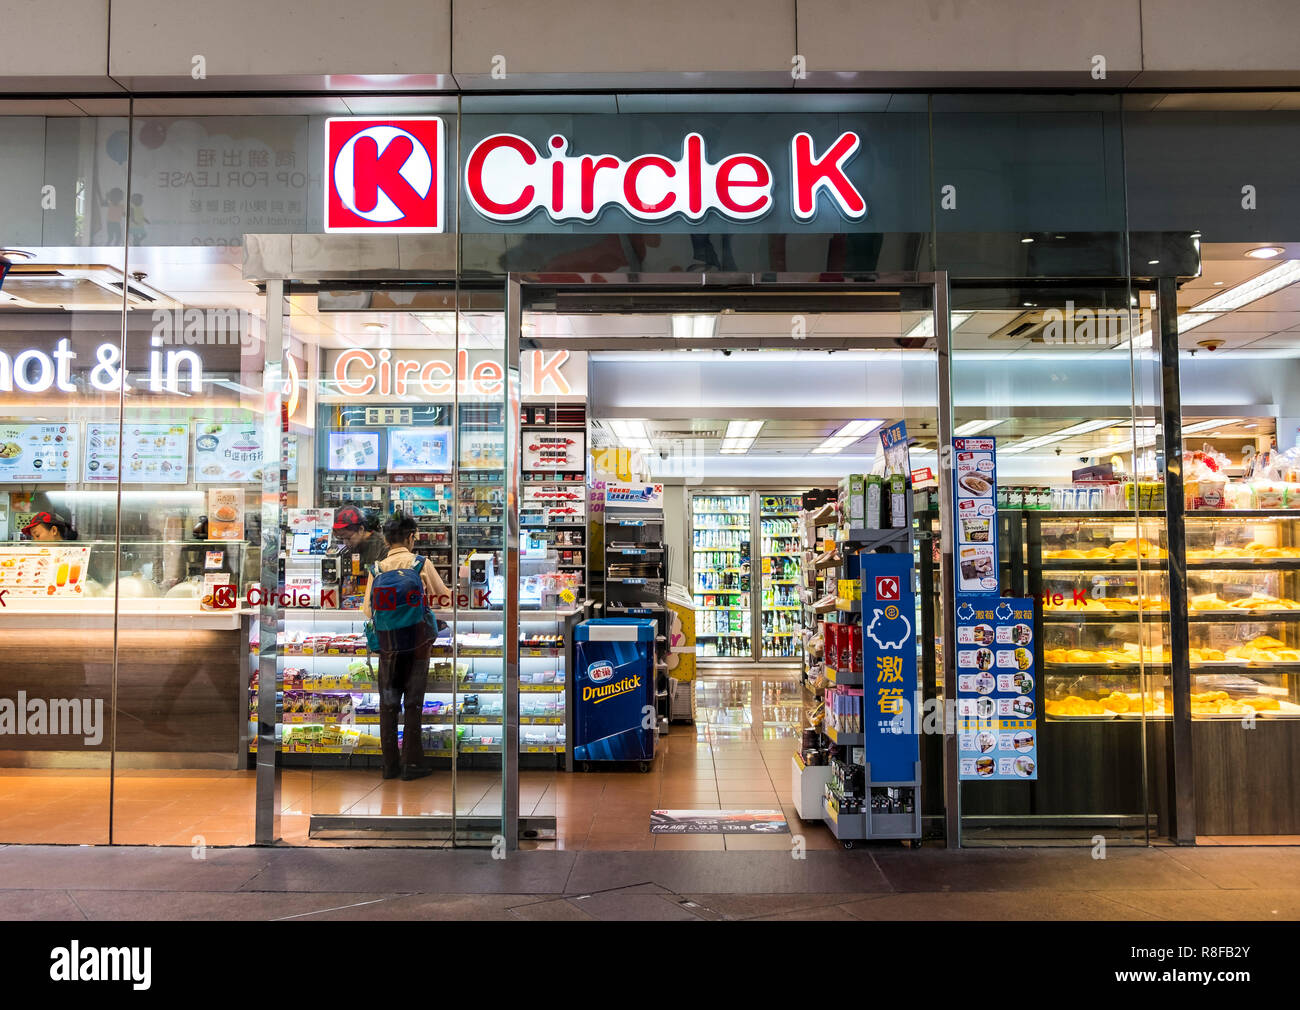 Circle K Stock Photos & Circle K Stock Images - Alamy